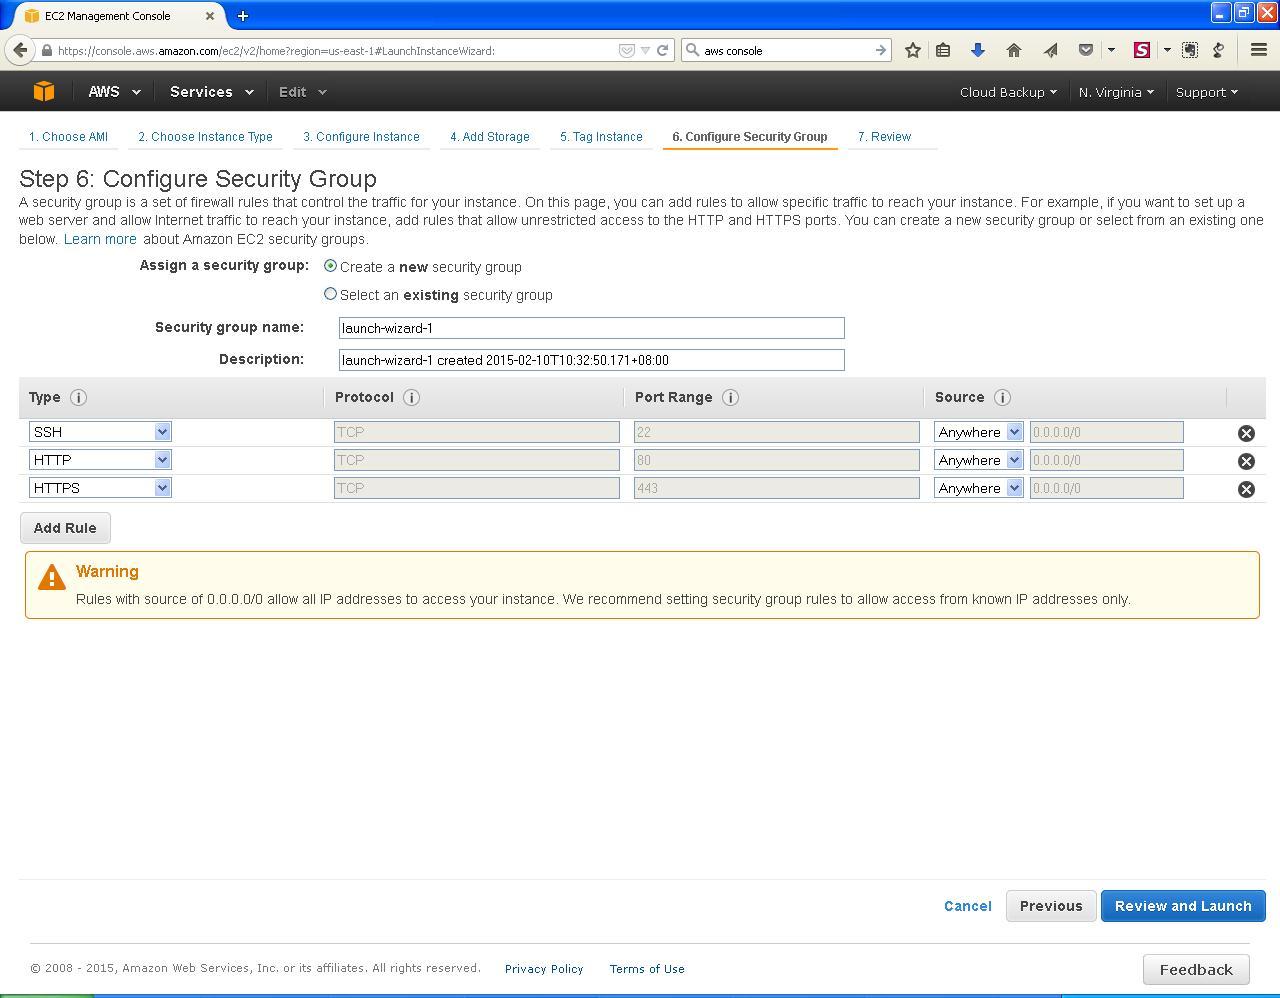 AWS EC2 Security Group